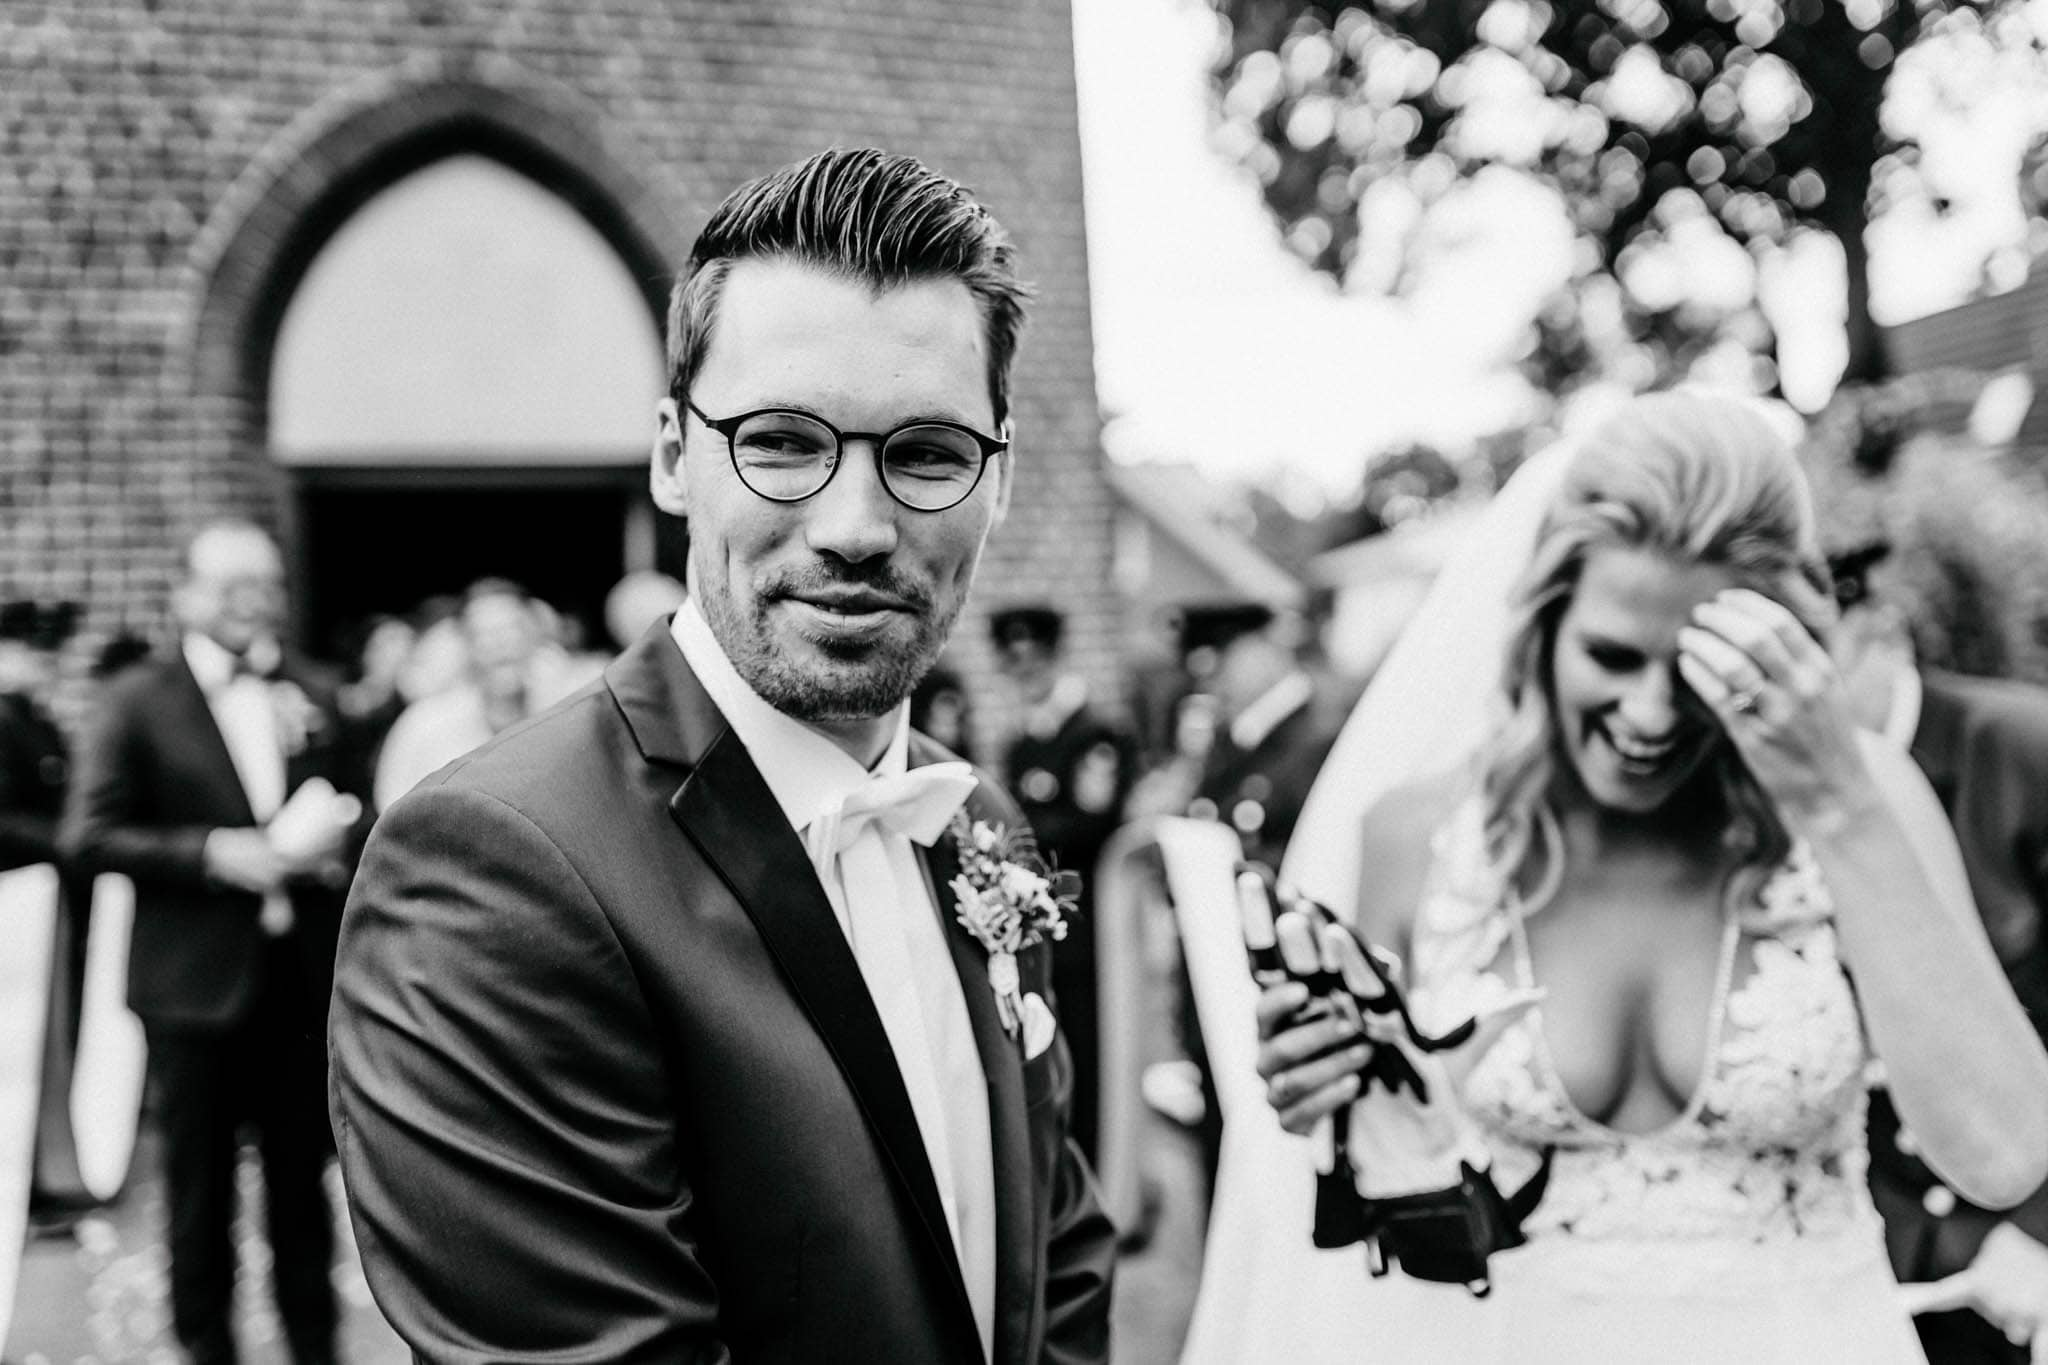 Hochzeitsfieber by Photo-Schomburg, Hochzeitsfotograf, Hamburg, Bremen, Hochzeitstag, Hochzeitspaar, Braut, Bräutigam, Bremen-Kränholm,Knoops Park-107